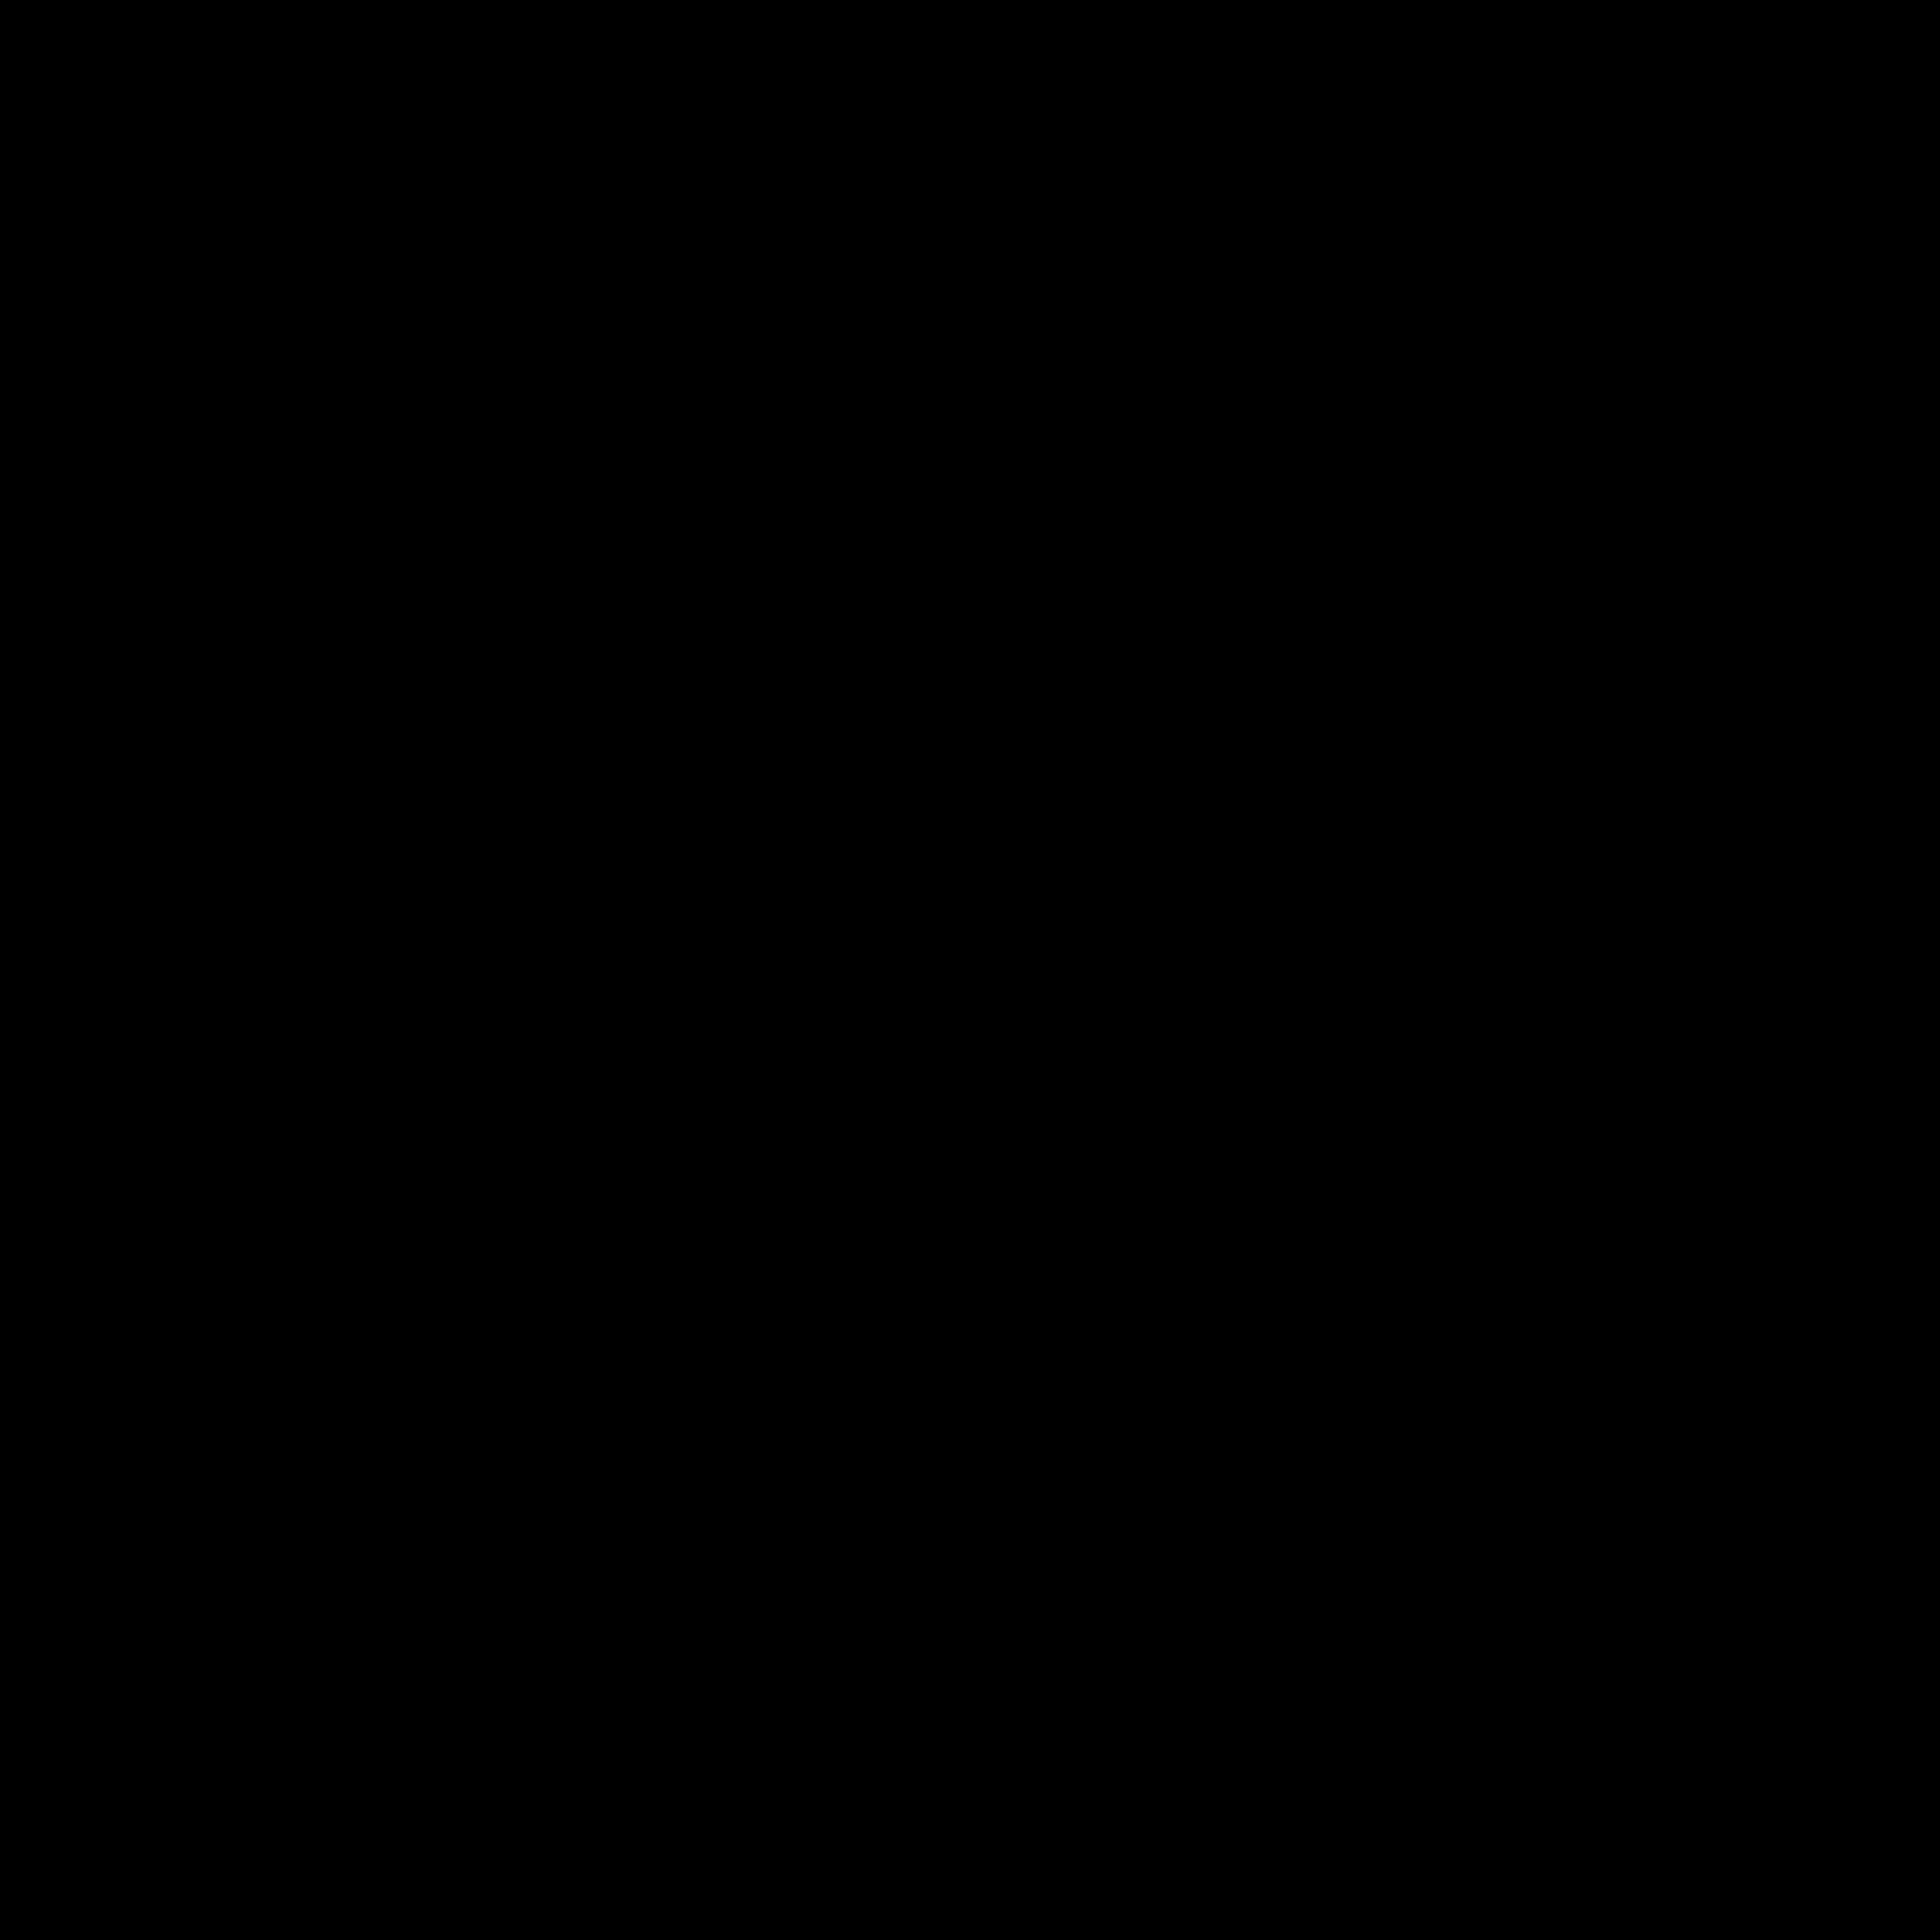 Bazar 01 Logo PNG Transparent & SVG Vector.